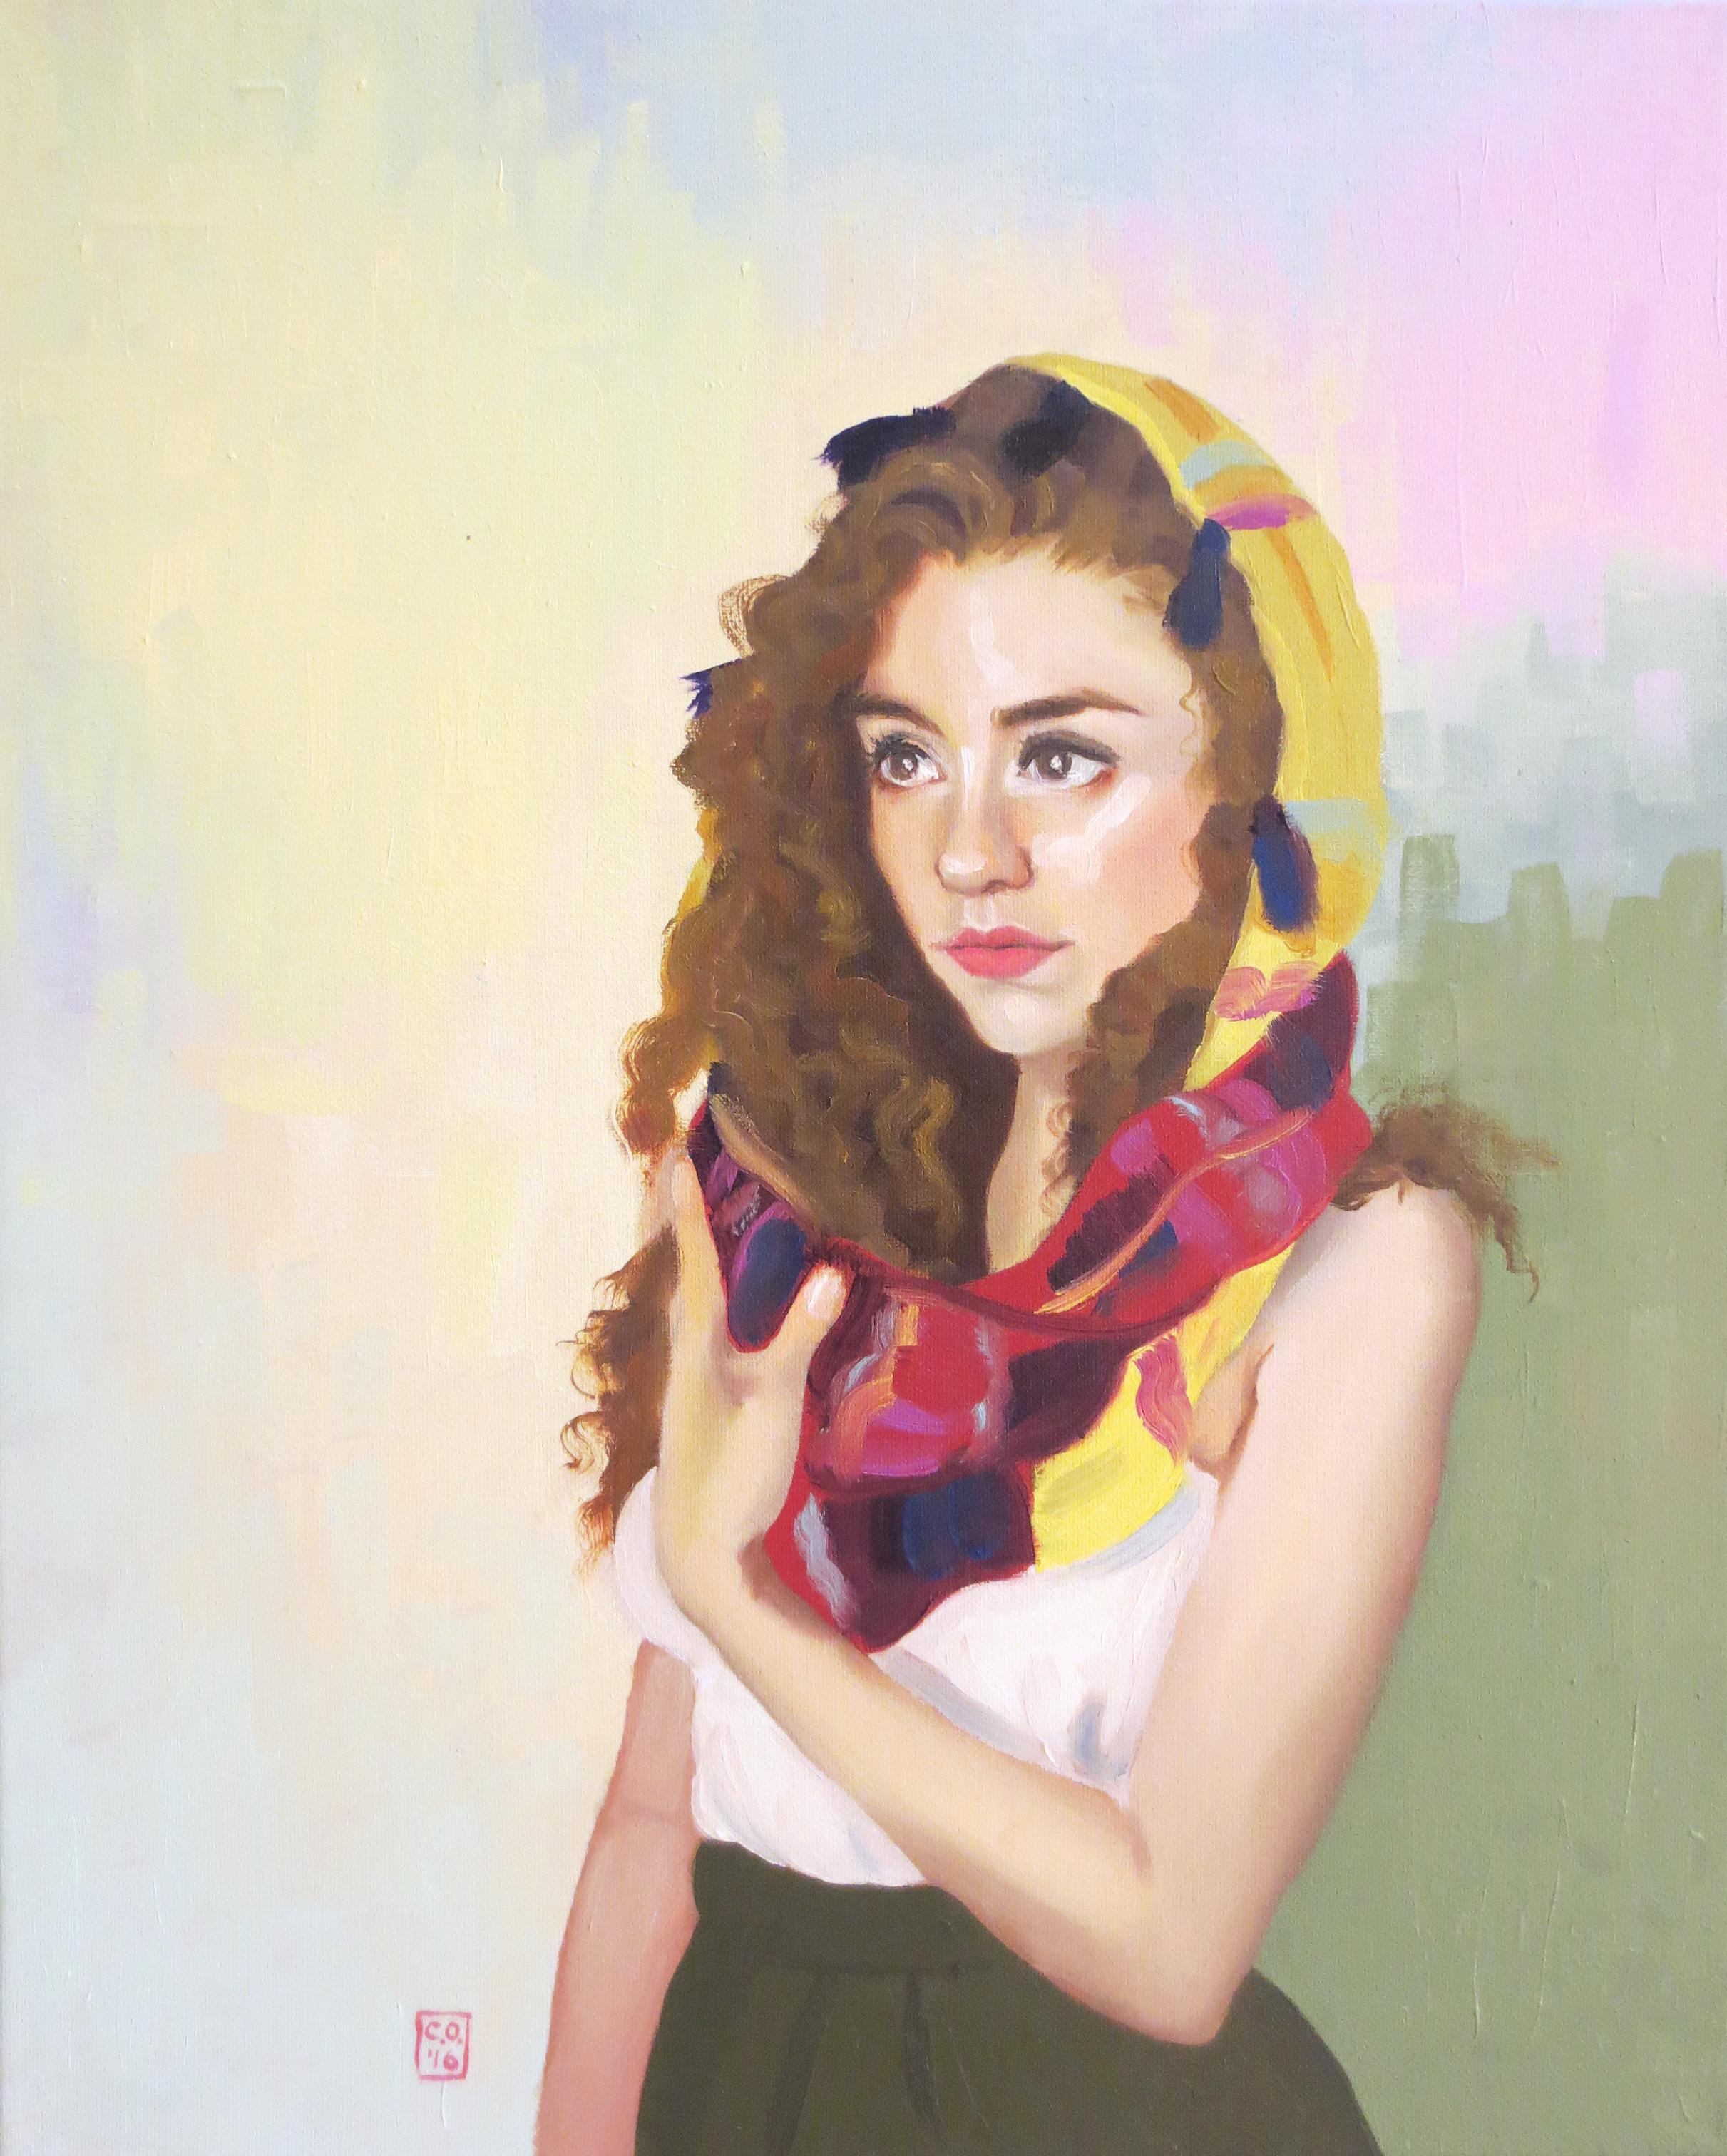 Self Portrait, 2016 Christina Oliva